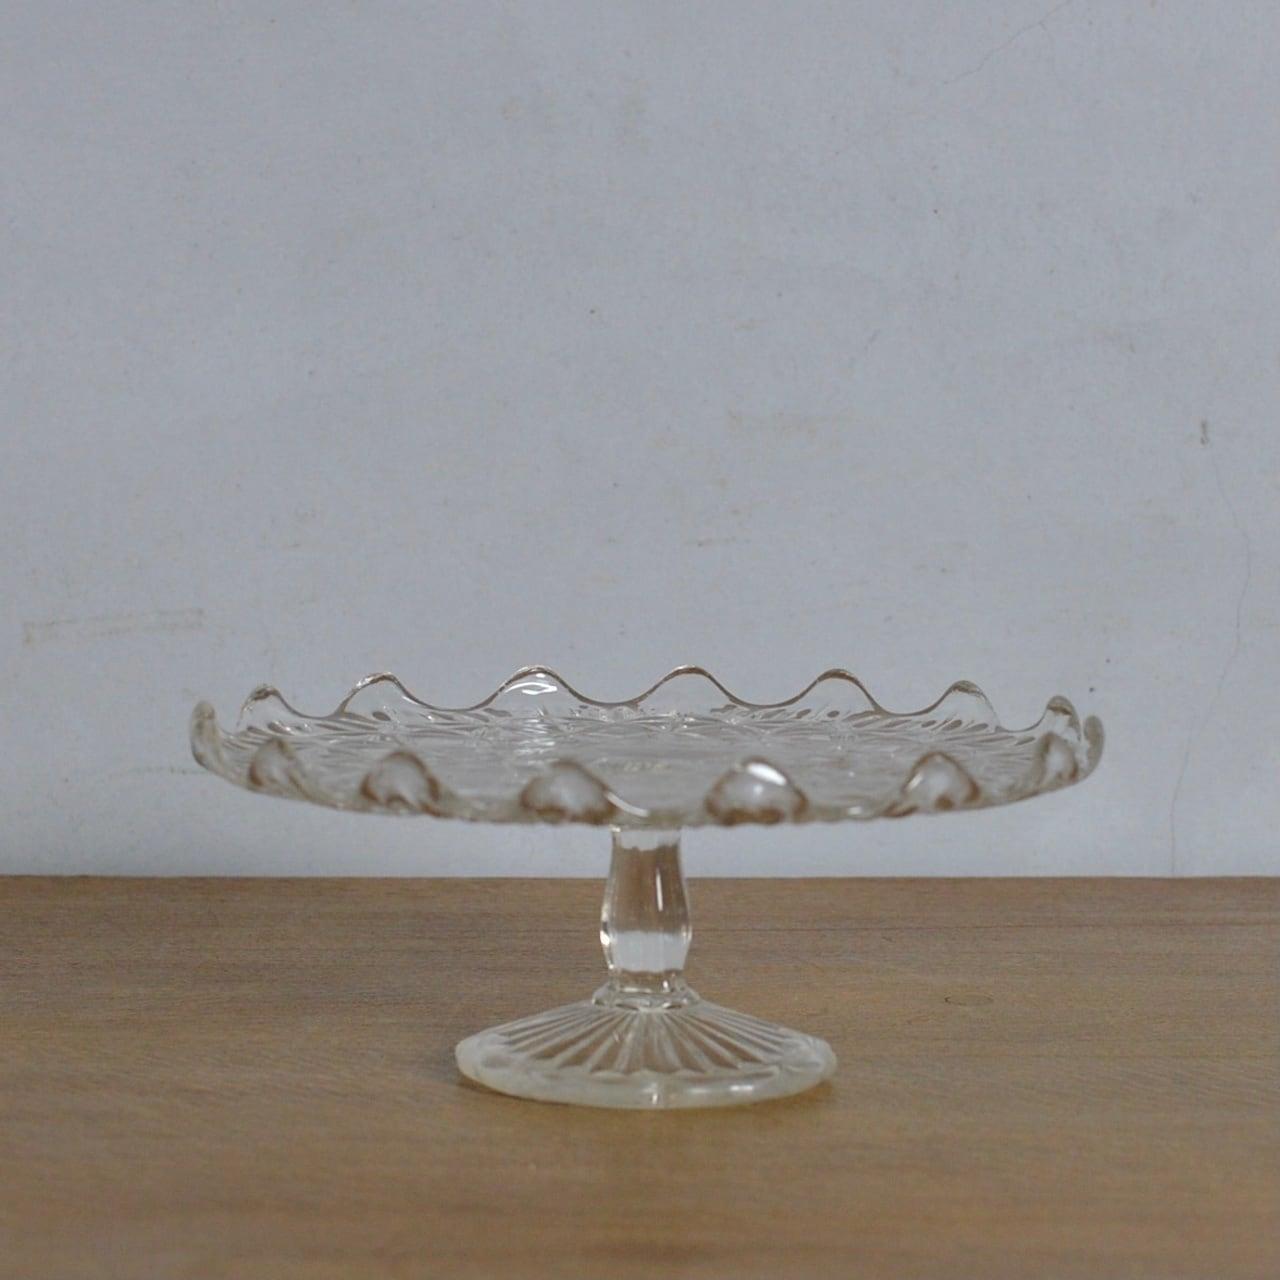 Compote  / コンポート〈ケーキスタンド・食器・プレスガラス〉SB2101-0005【C】